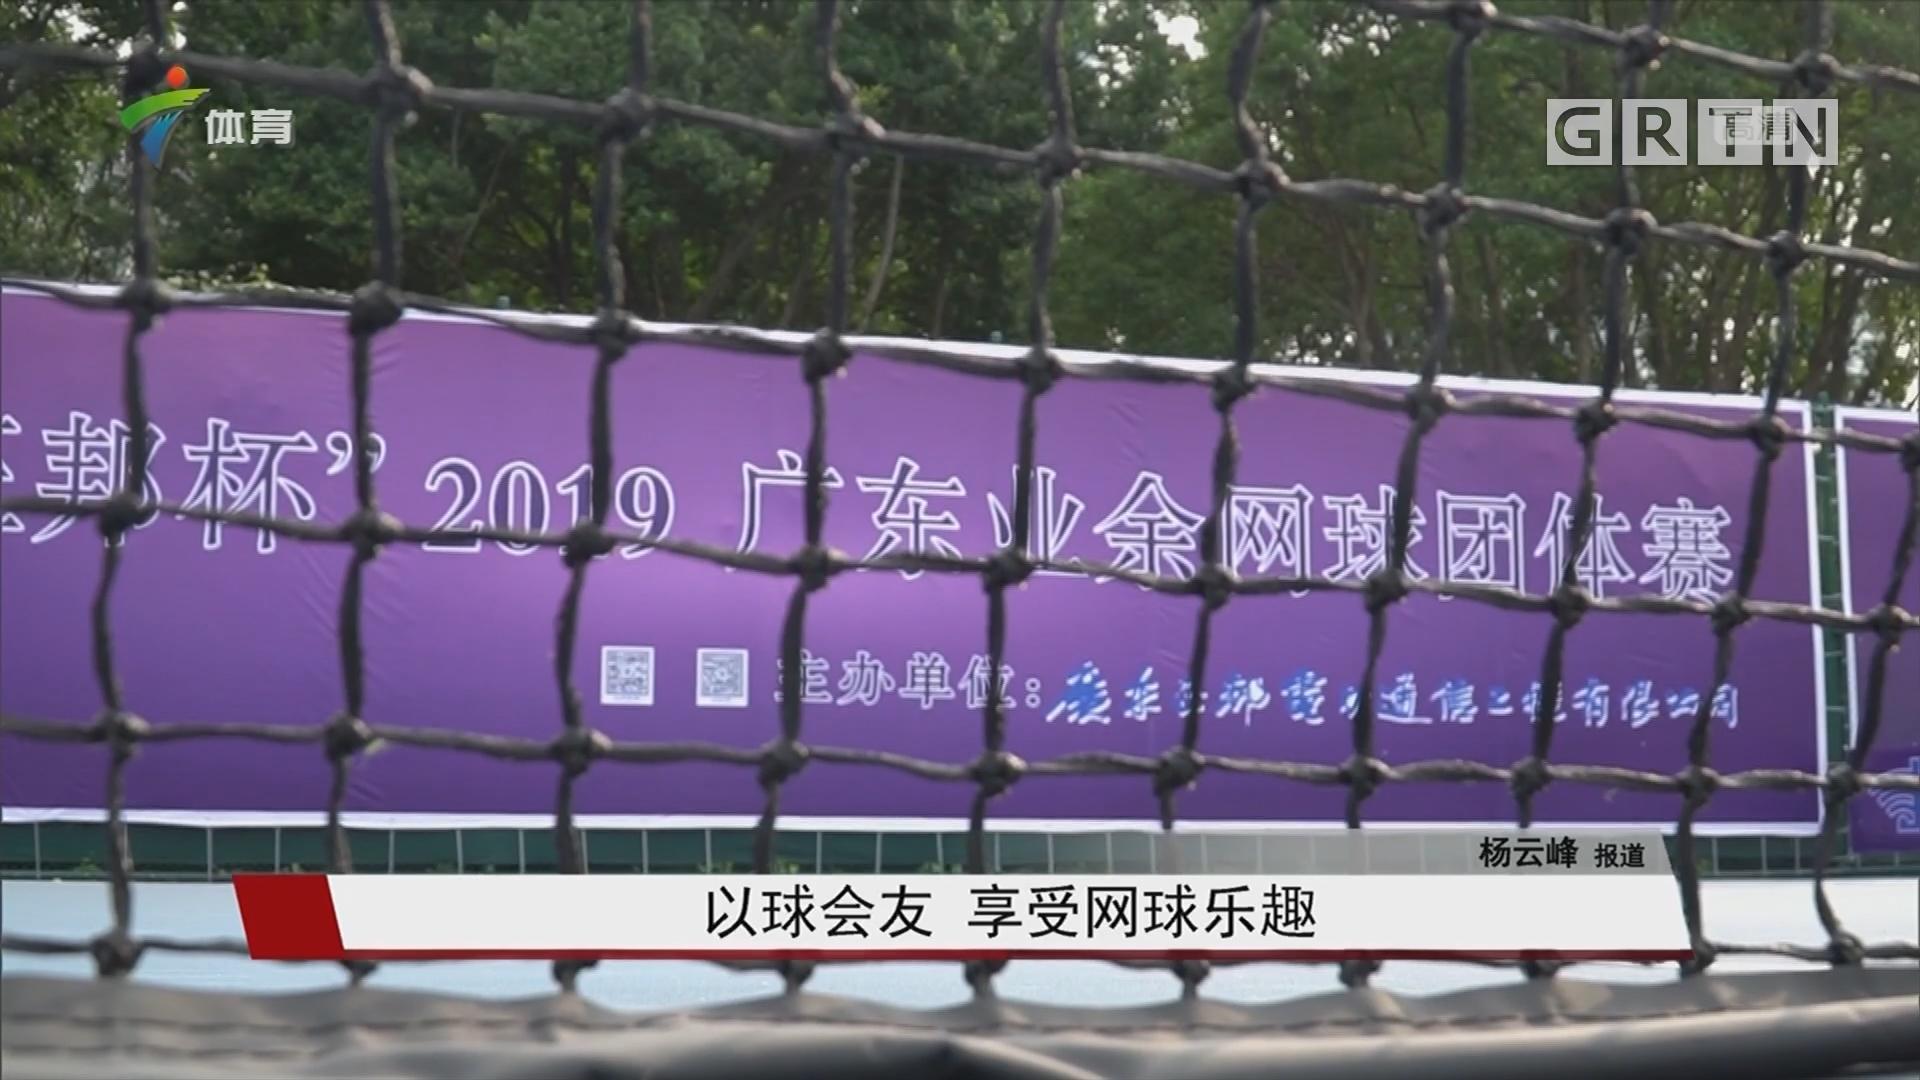 以球会友 享受网球乐趣